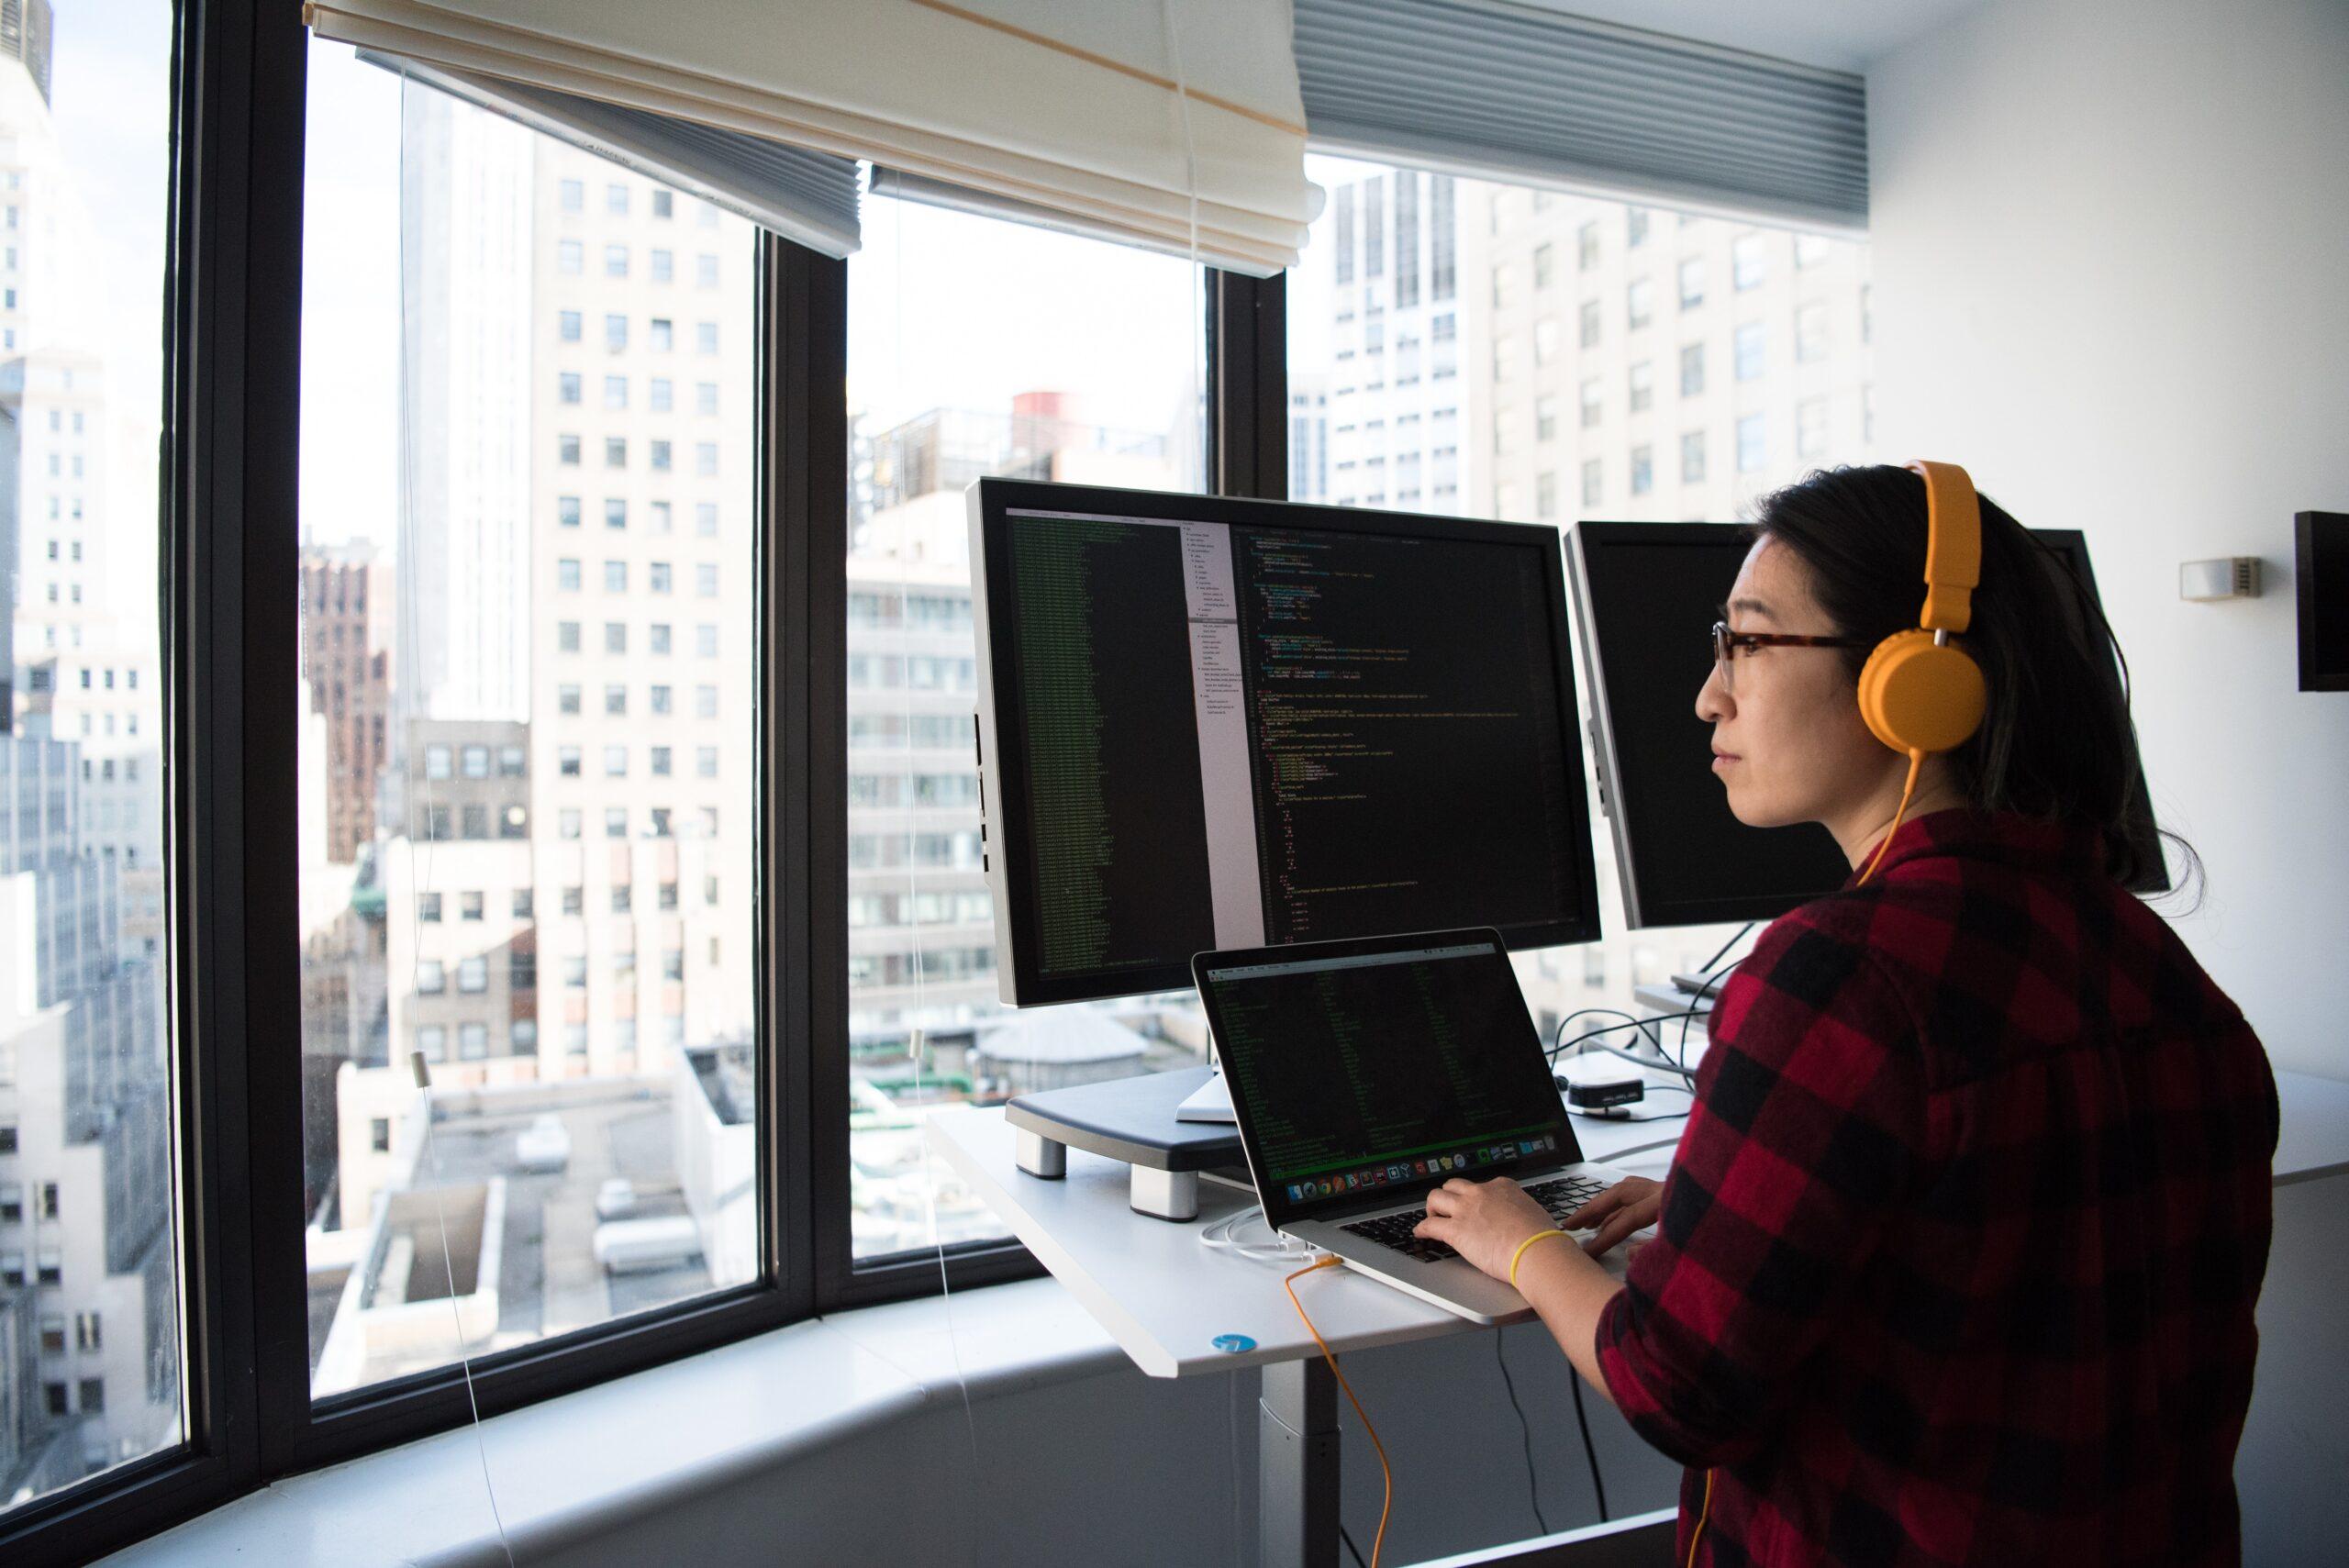 まとめ:オフィスの日当たりが良い=社員の健康がよくなる=業績UPの期待が大きい